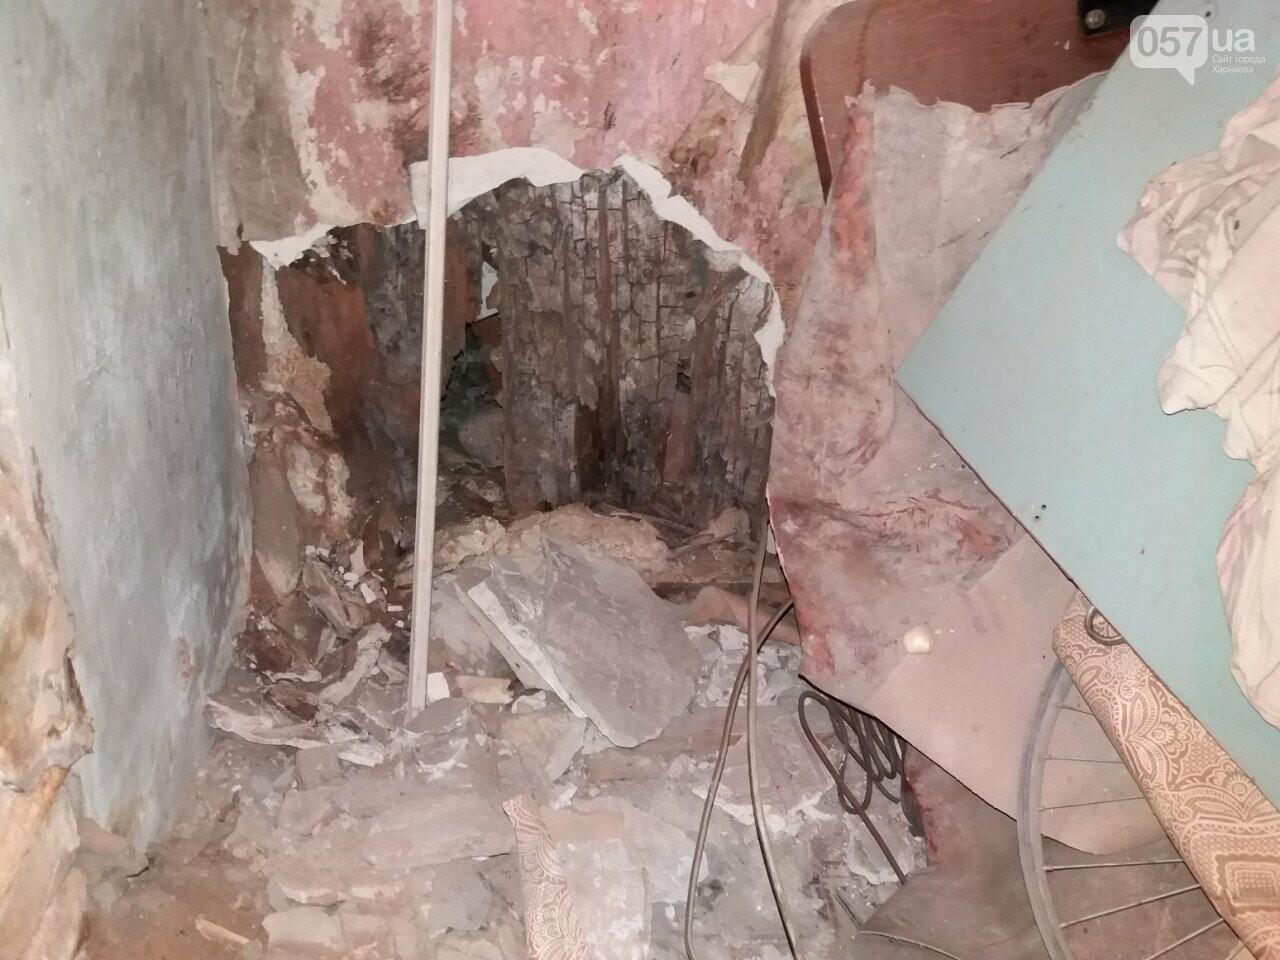 10 лет без ремонта: почему в Харькове не спешат восстанавливать аварийный дом, - ФОТО, фото-13